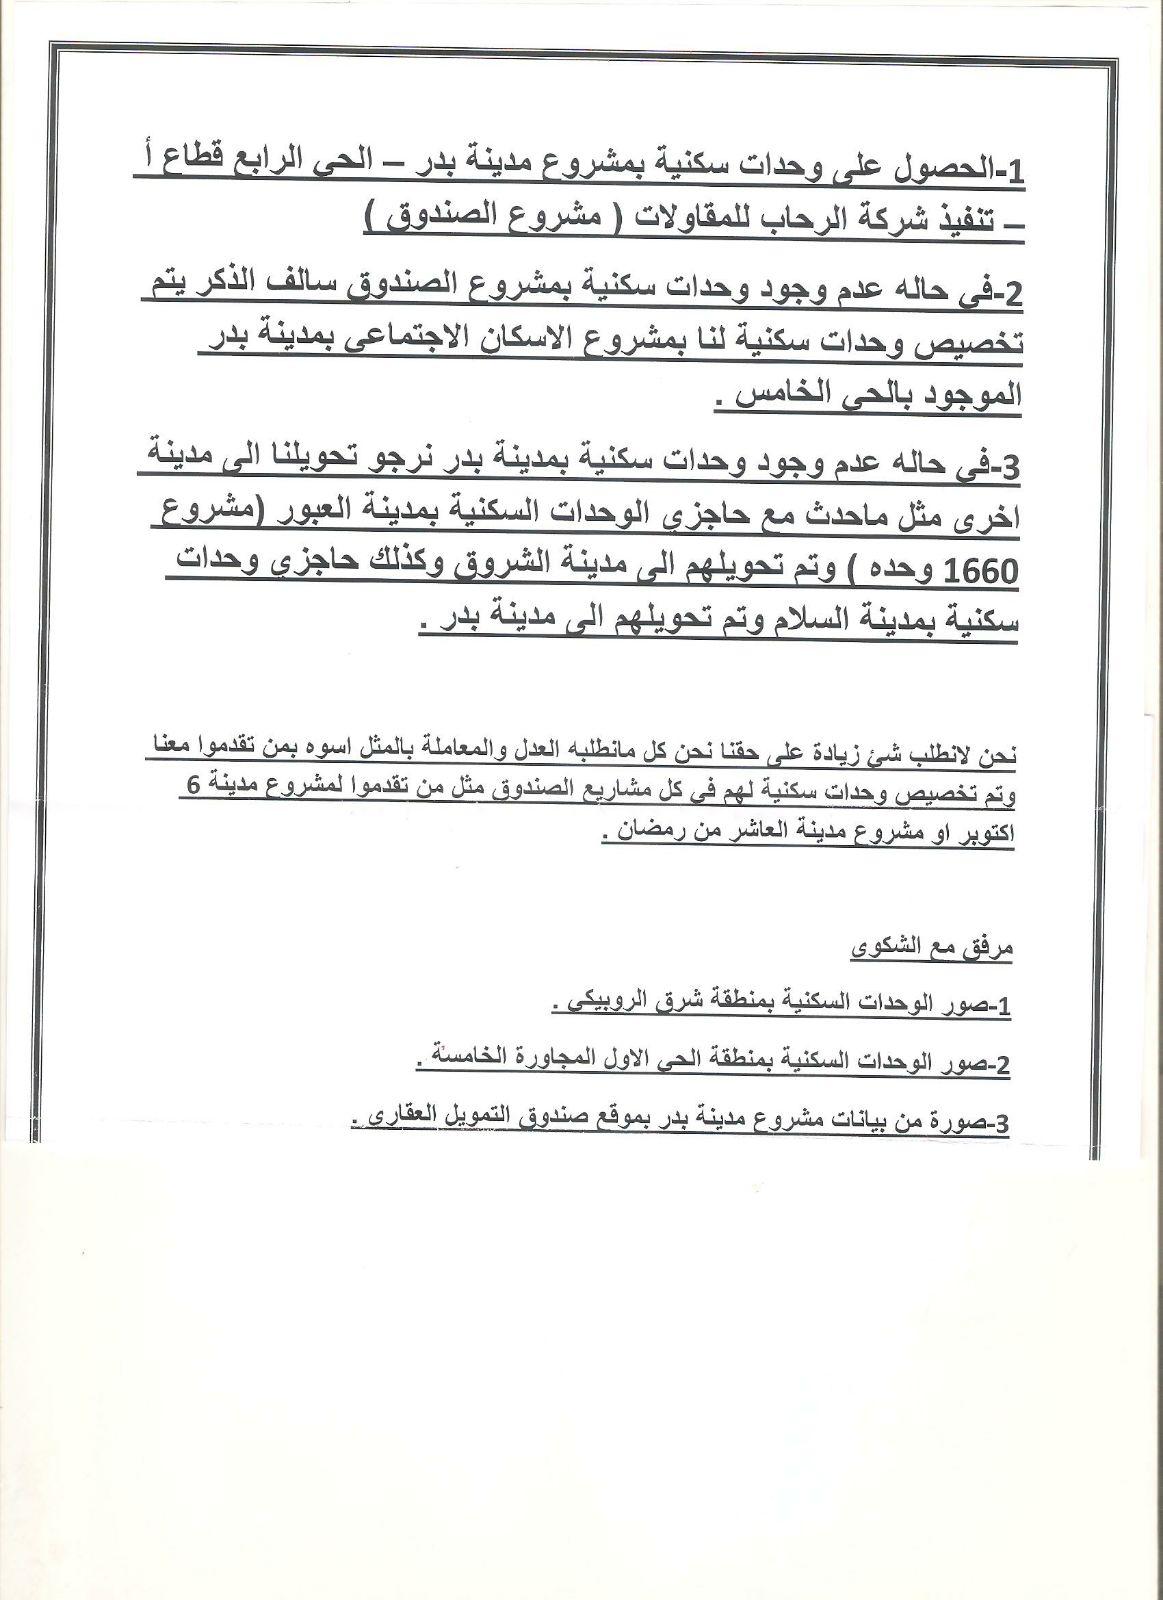 مواطنون: تم تحويلنا للروبيكي بعد أخذ «العدل» شقق حجزناها في «بدر»